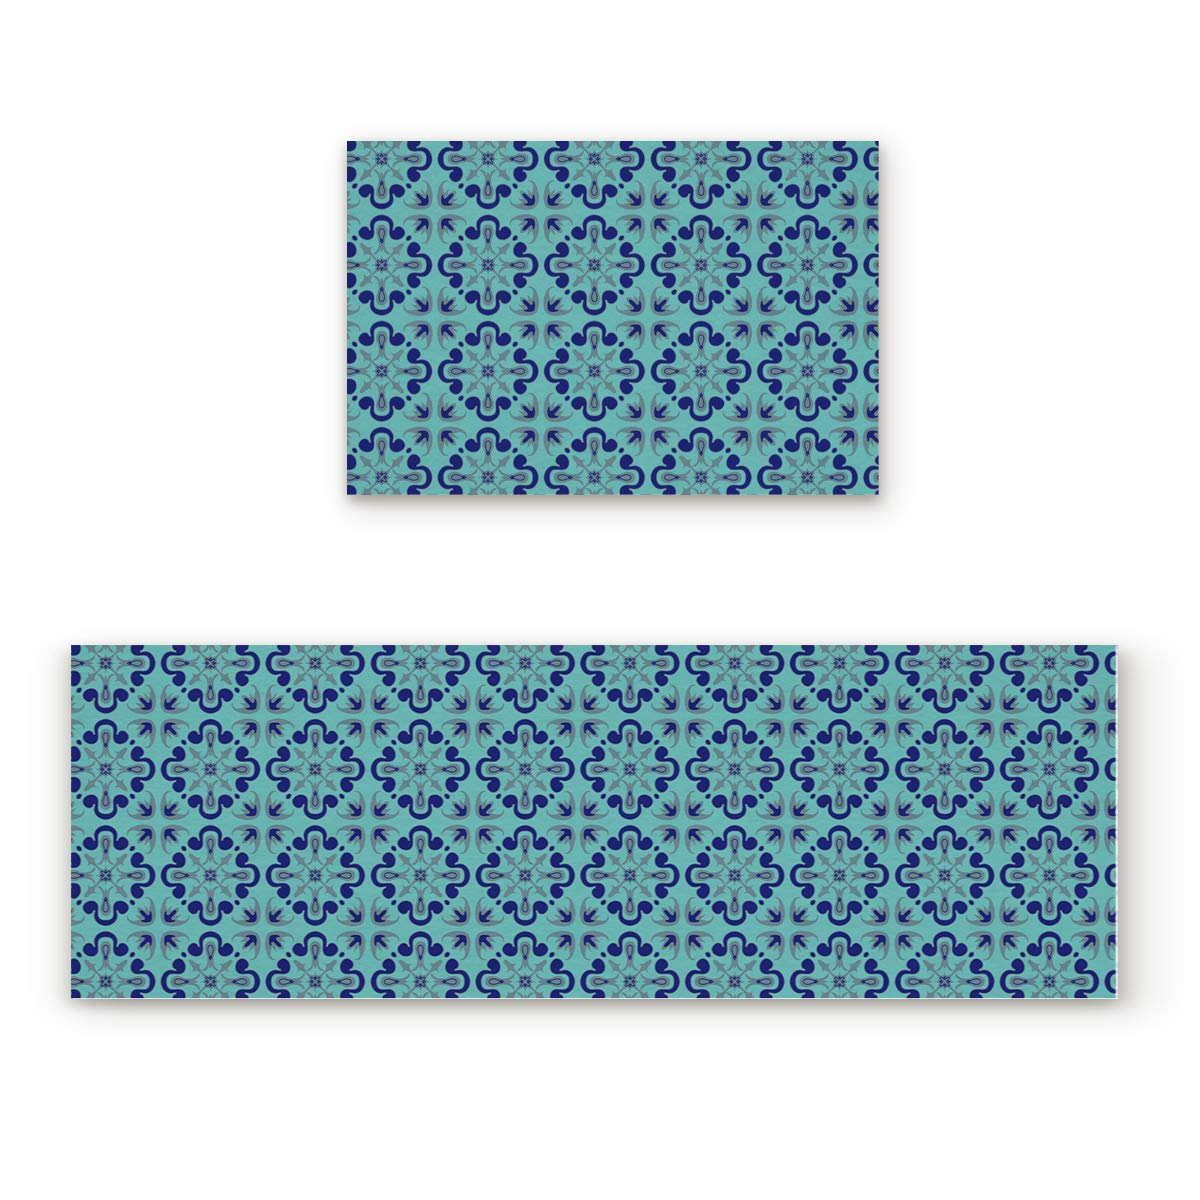 BMALL キッチンラグ マット 2枚セット ネイビー アンカー 内側 外側 エントランス ラグ ランナー ラグ 室内装飾 23.6x35.4in+23.6x70.9in 20181026LCZBMALLMD2SLEX00612MDDDBML 23.6x35.4in+23.6x70.9in Blue15bml0729 B07JQFQ395